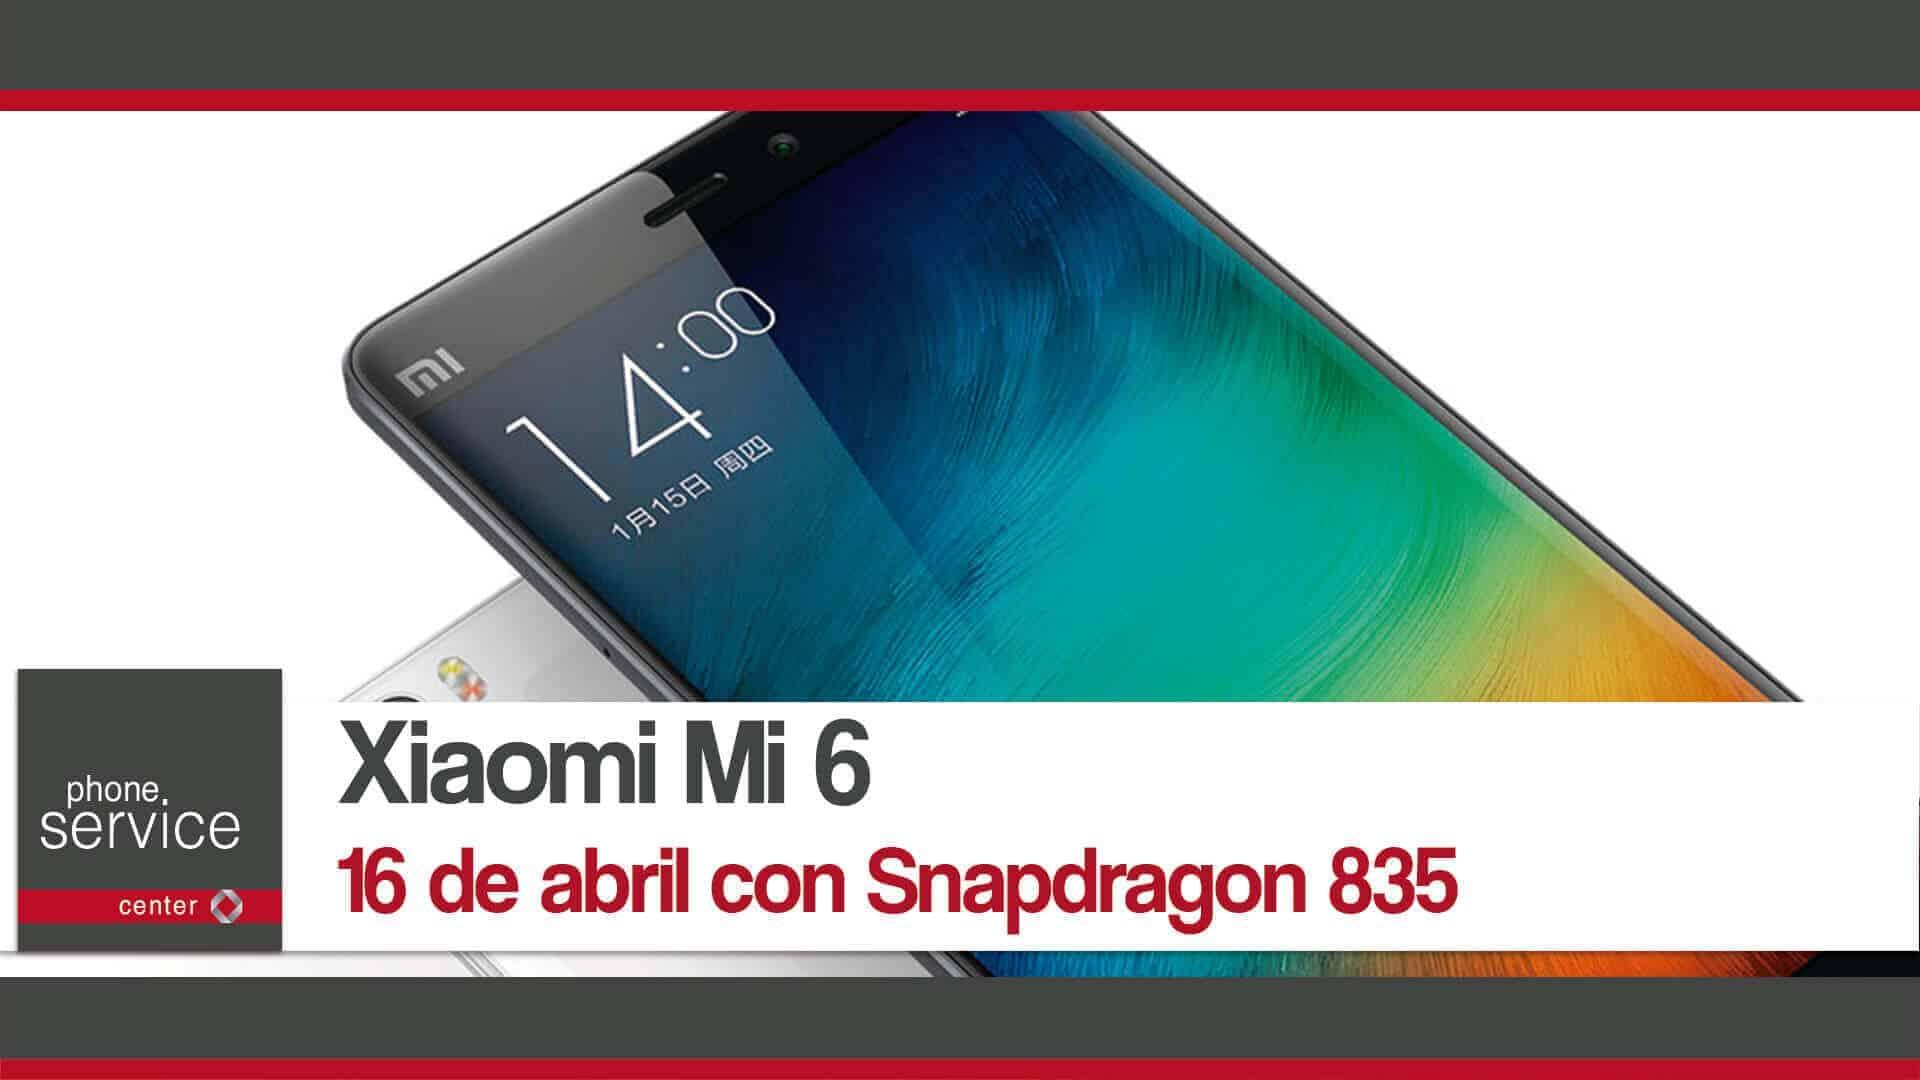 Xiaomi Mi 6 16 de abril con Snapdragon 835